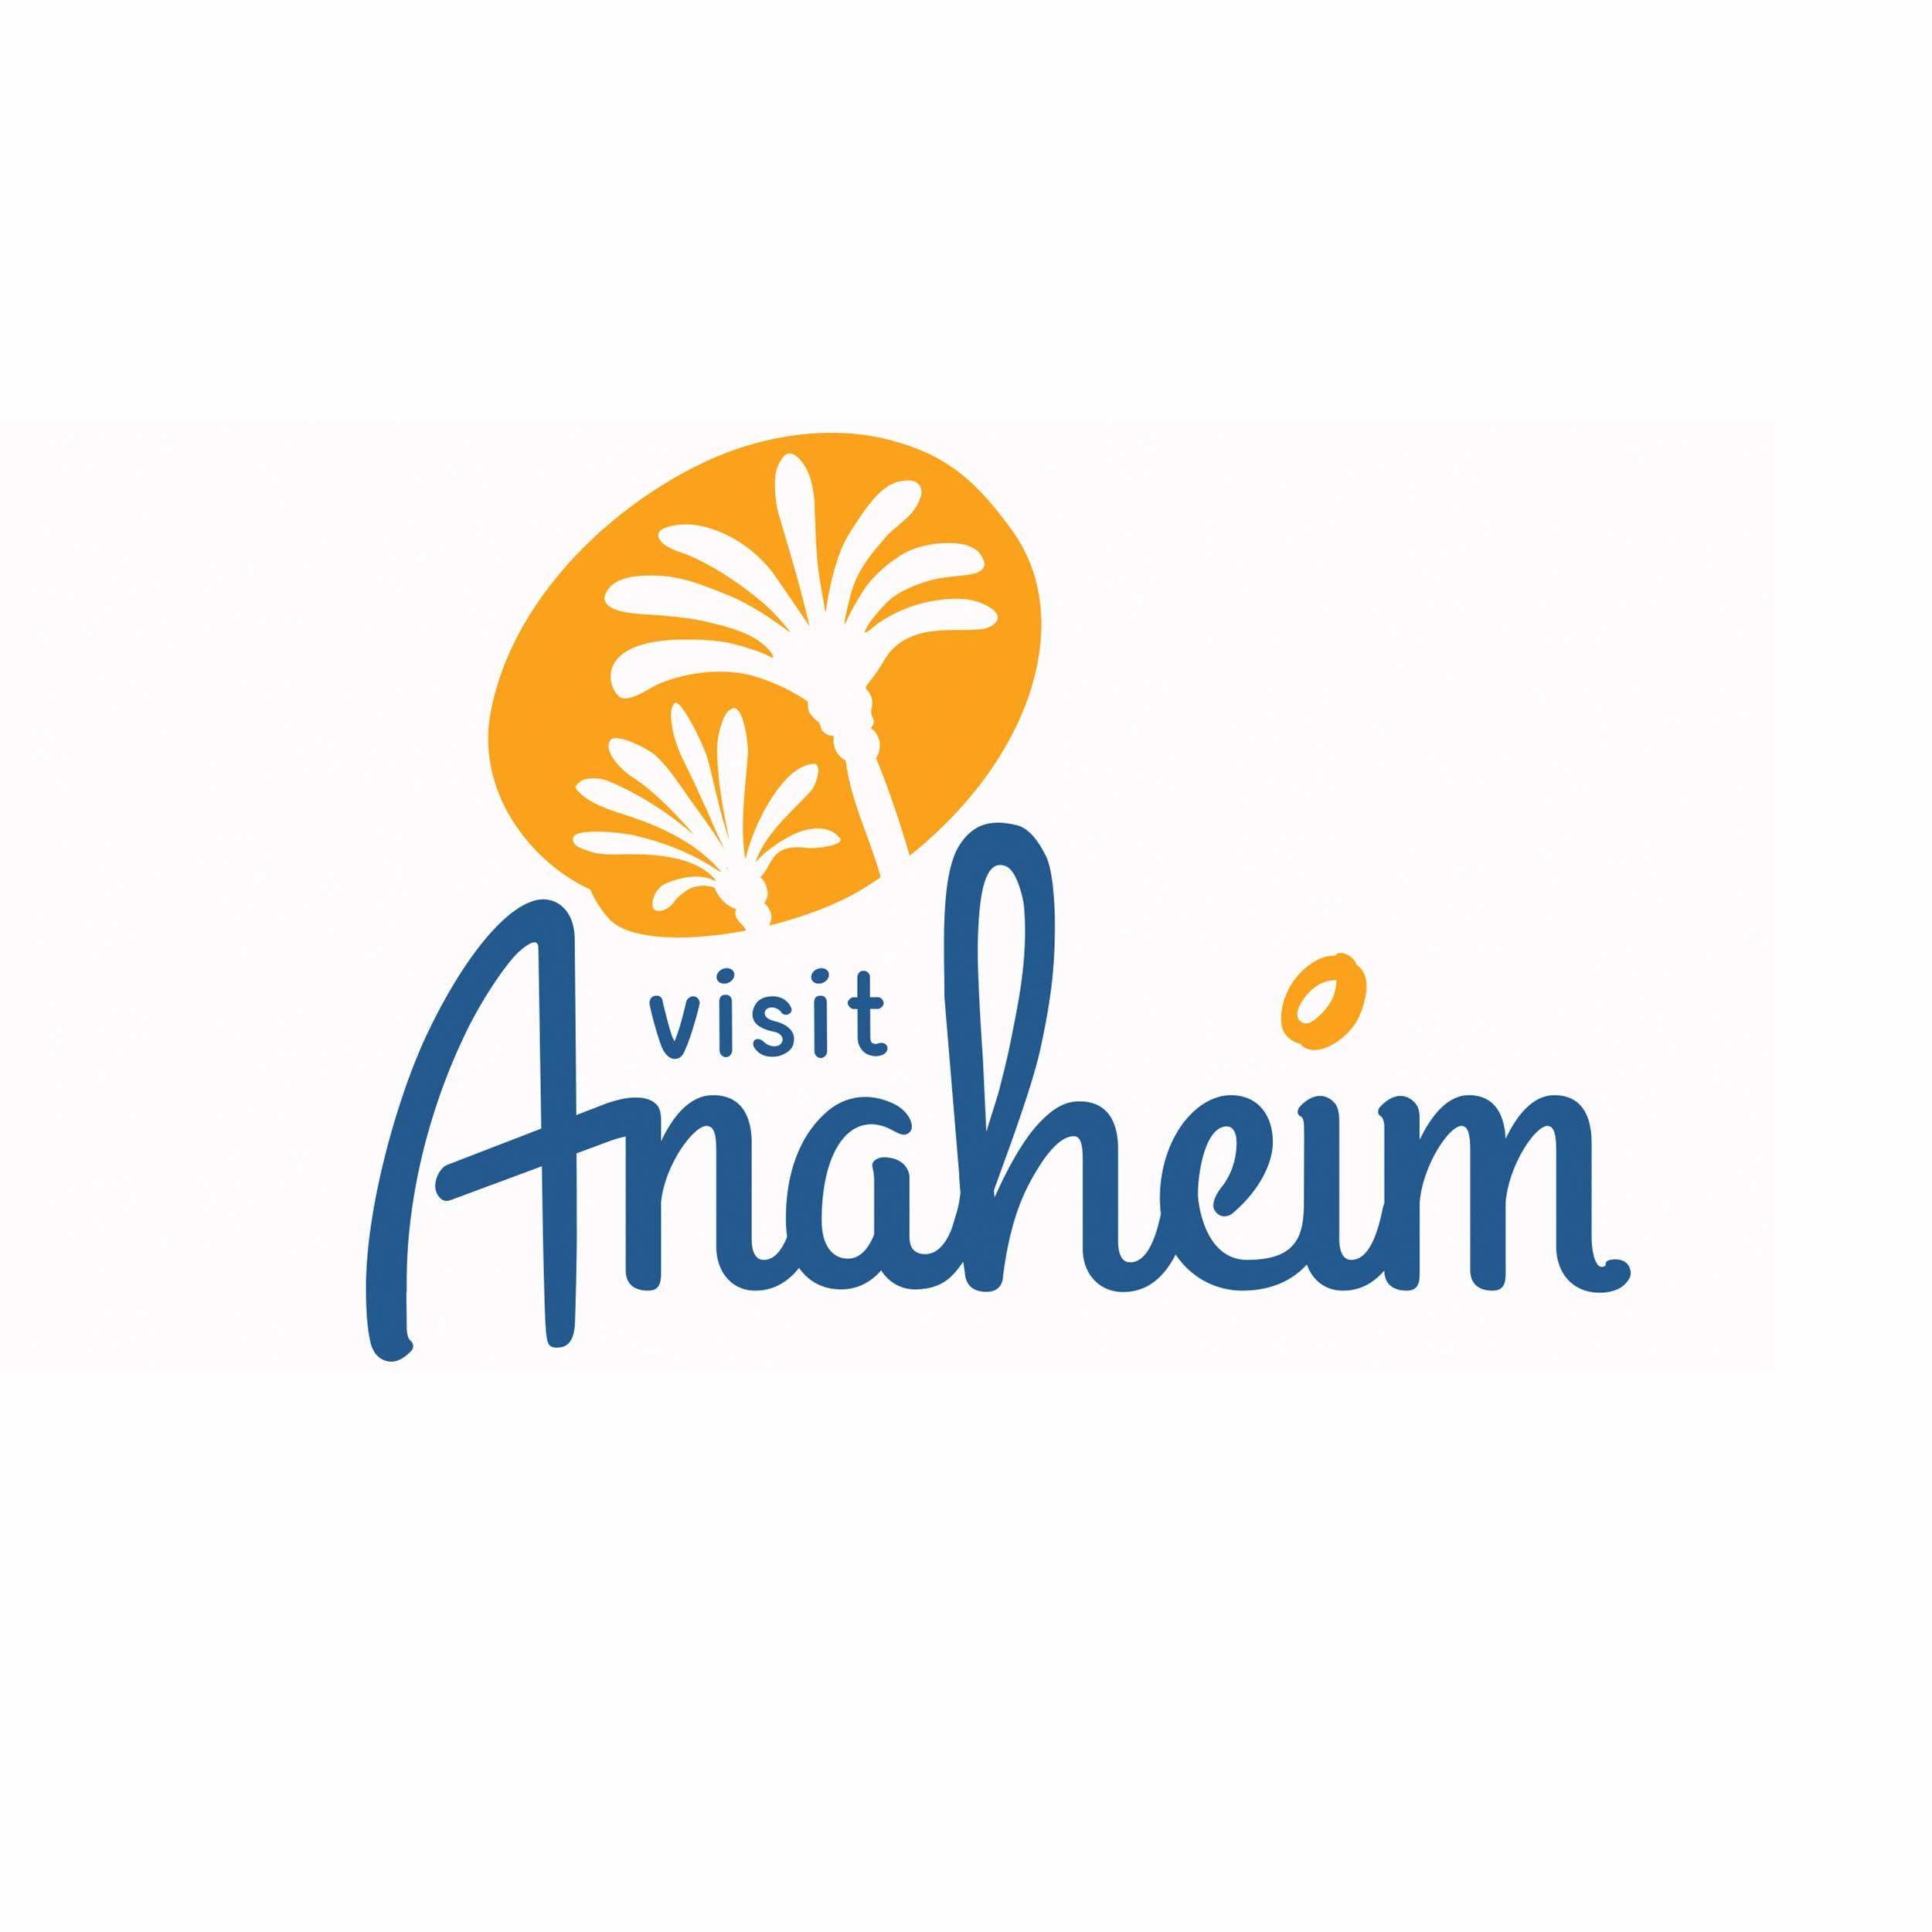 5515-1-Summit2017_Logos_Anaheim.jpg